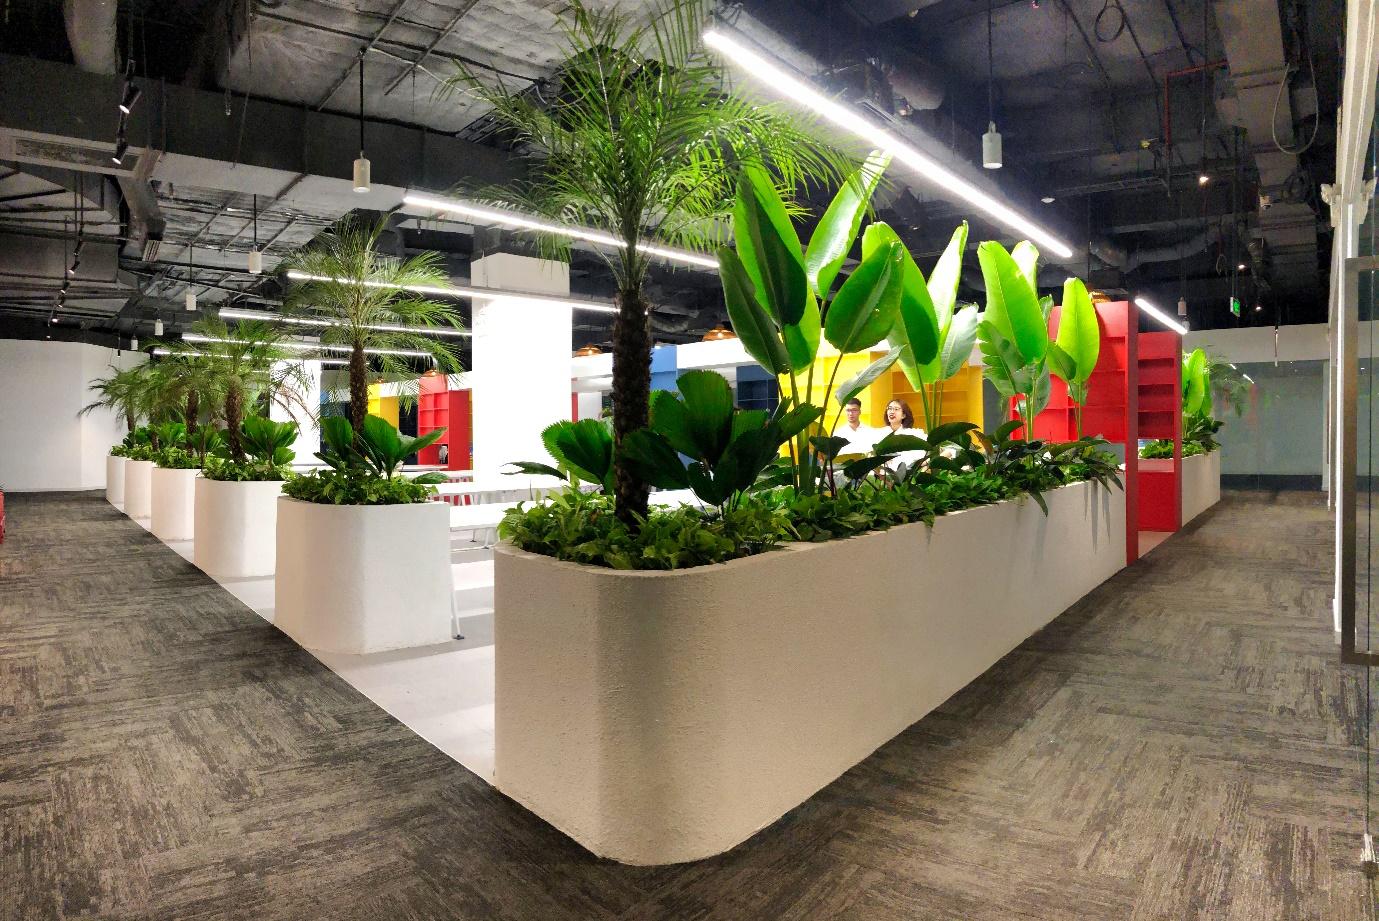 Apec Coworking Space: Không gian làm việc trong mơ của giới văn phòng  - Ảnh 2